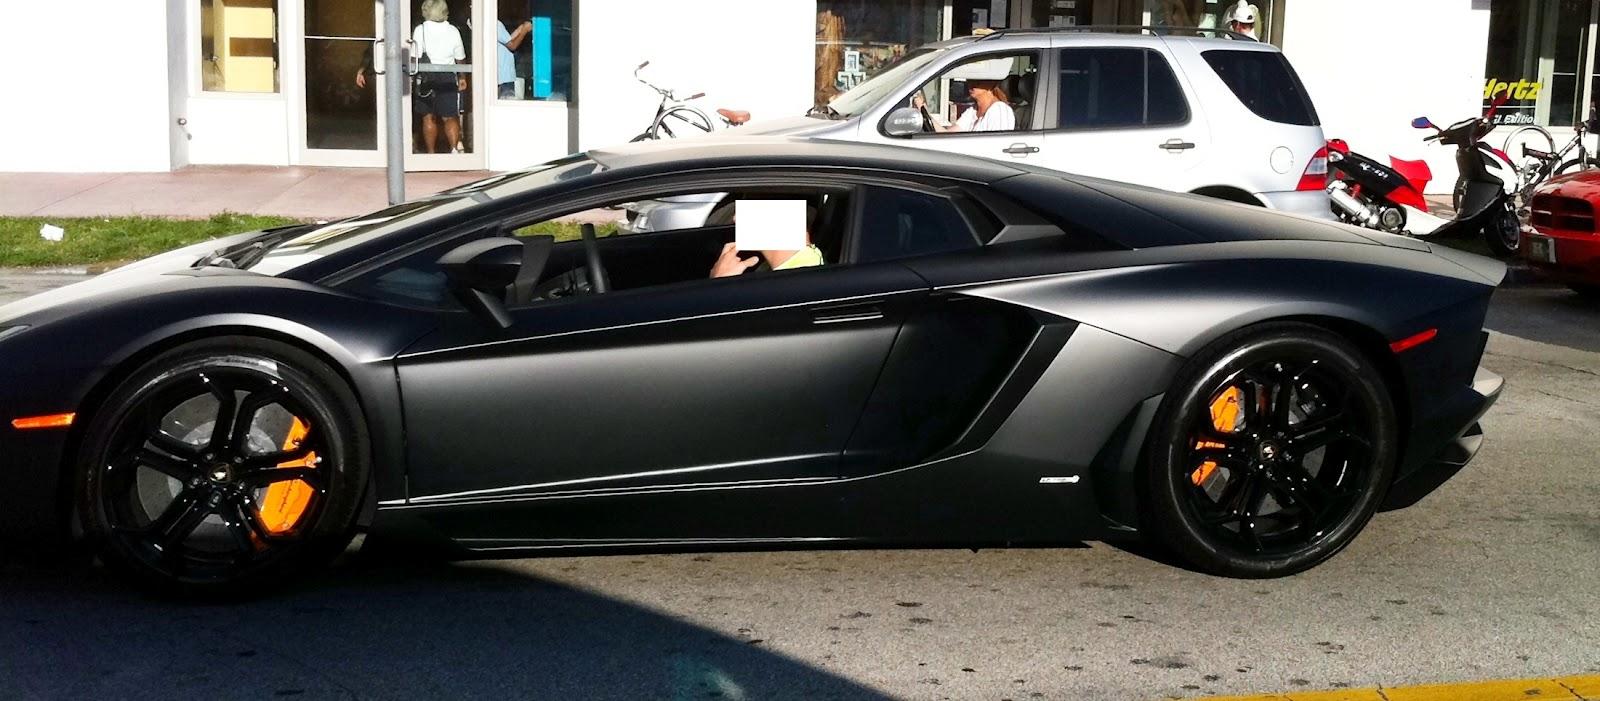 Matte Black Lamborghini Aventador - in Miami Beach ...